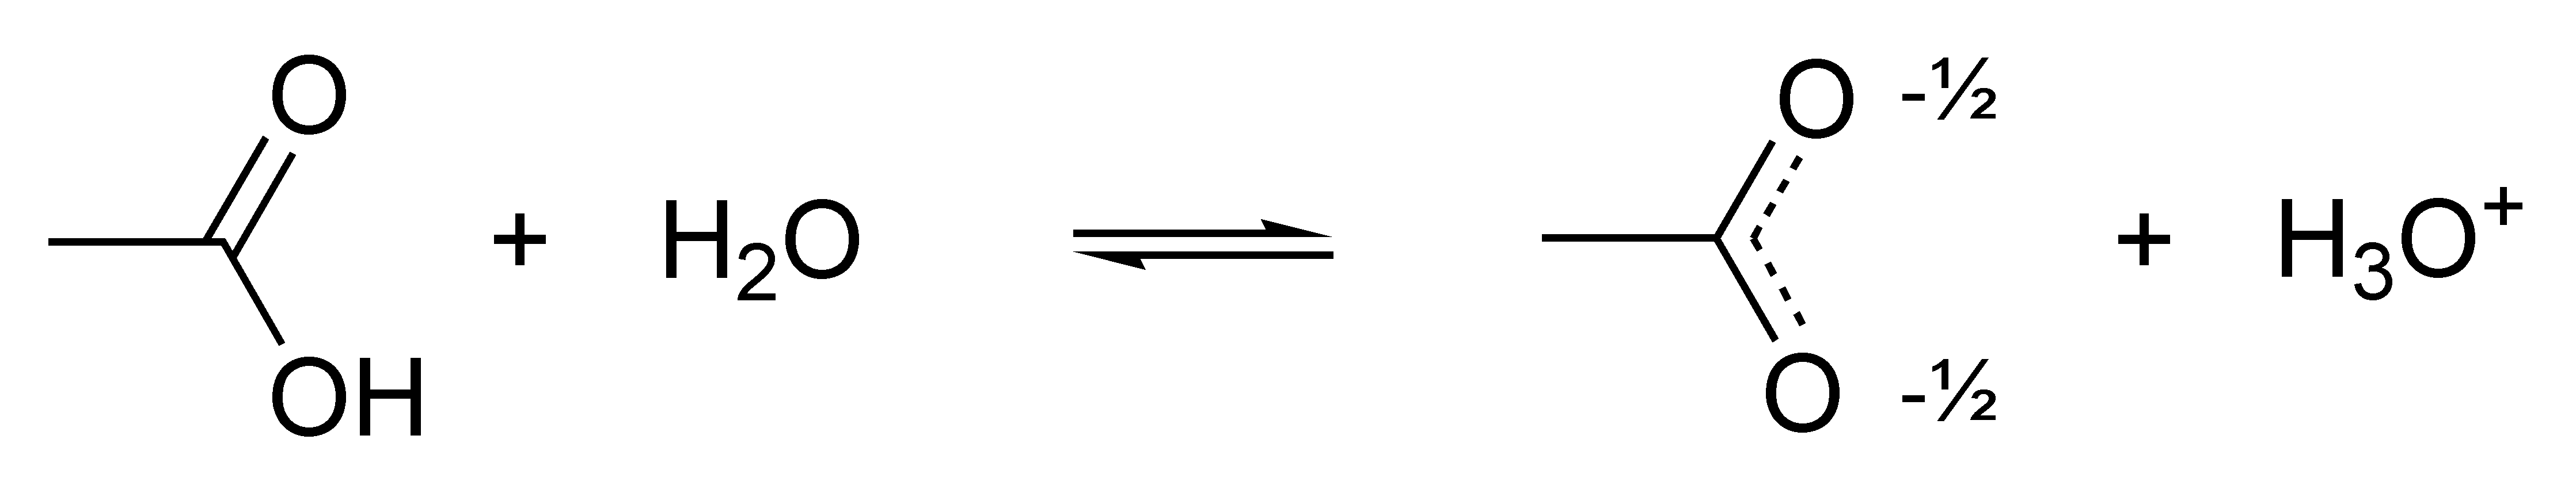 external image 20051103062911%21Acetic_acid_deprotonation.png